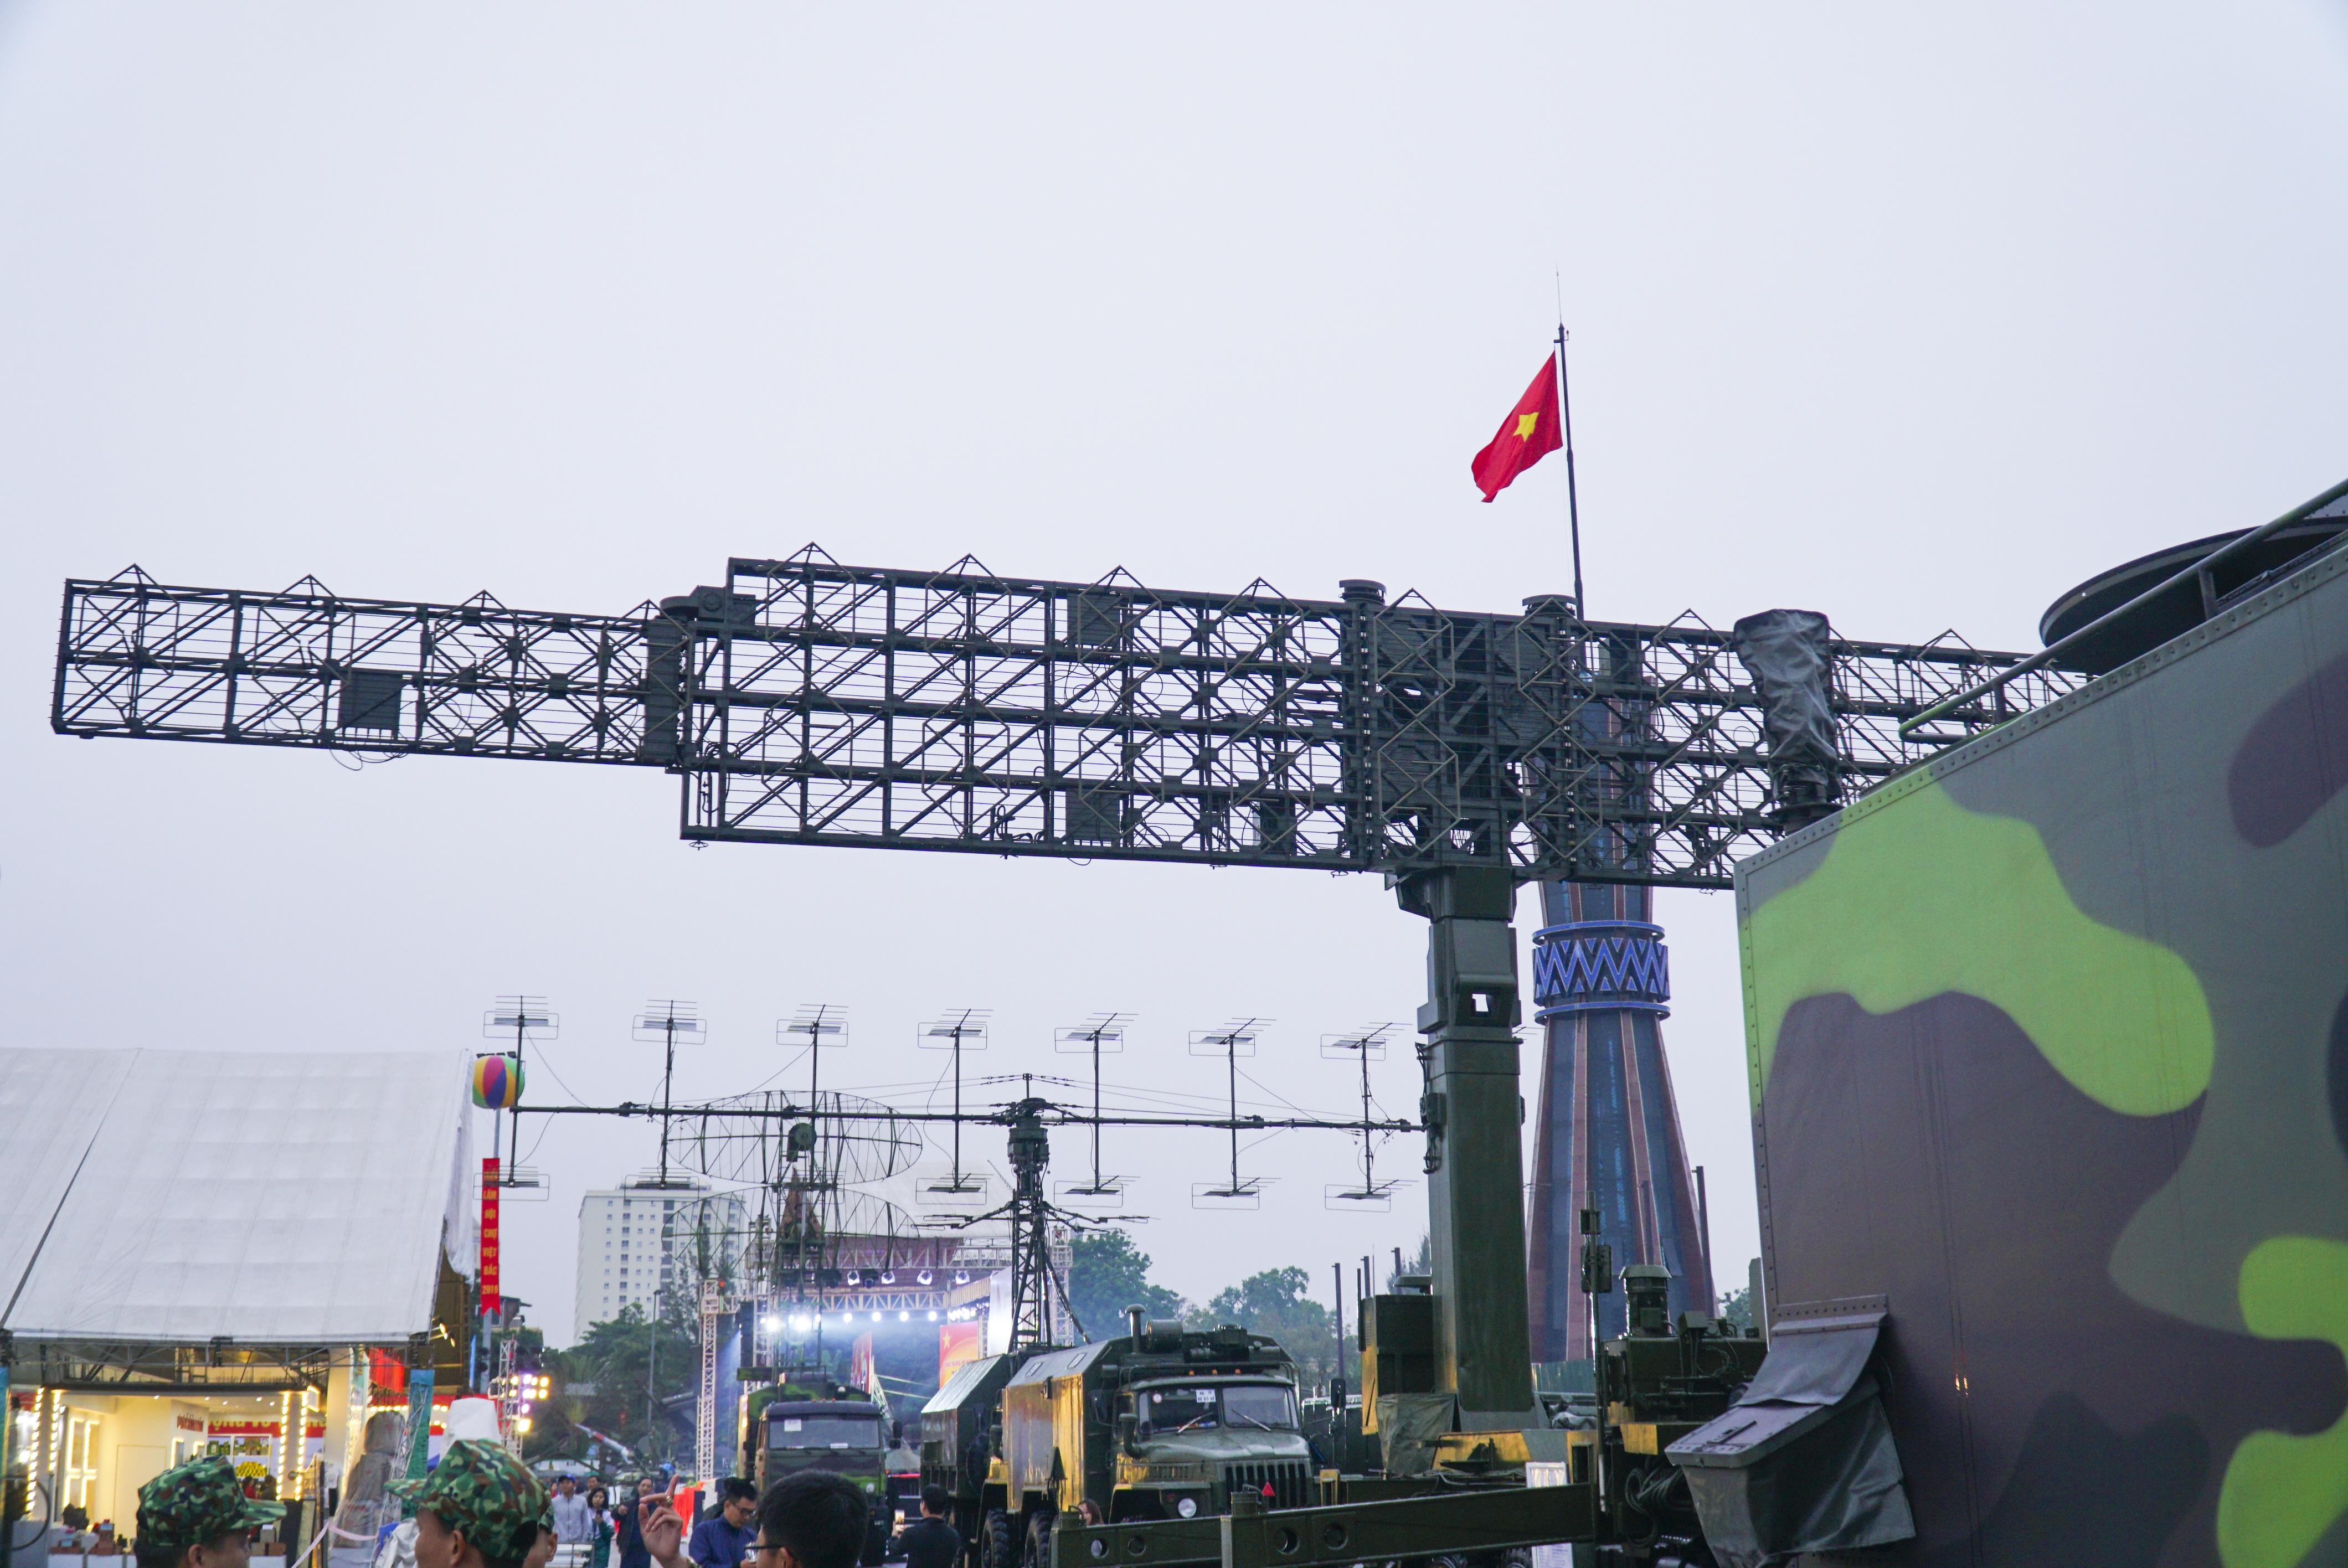 Cận cảnh dàn radar chống mục tiêu tàng hình tối tân của Quân đội Nhân dân Việt Nam - 3